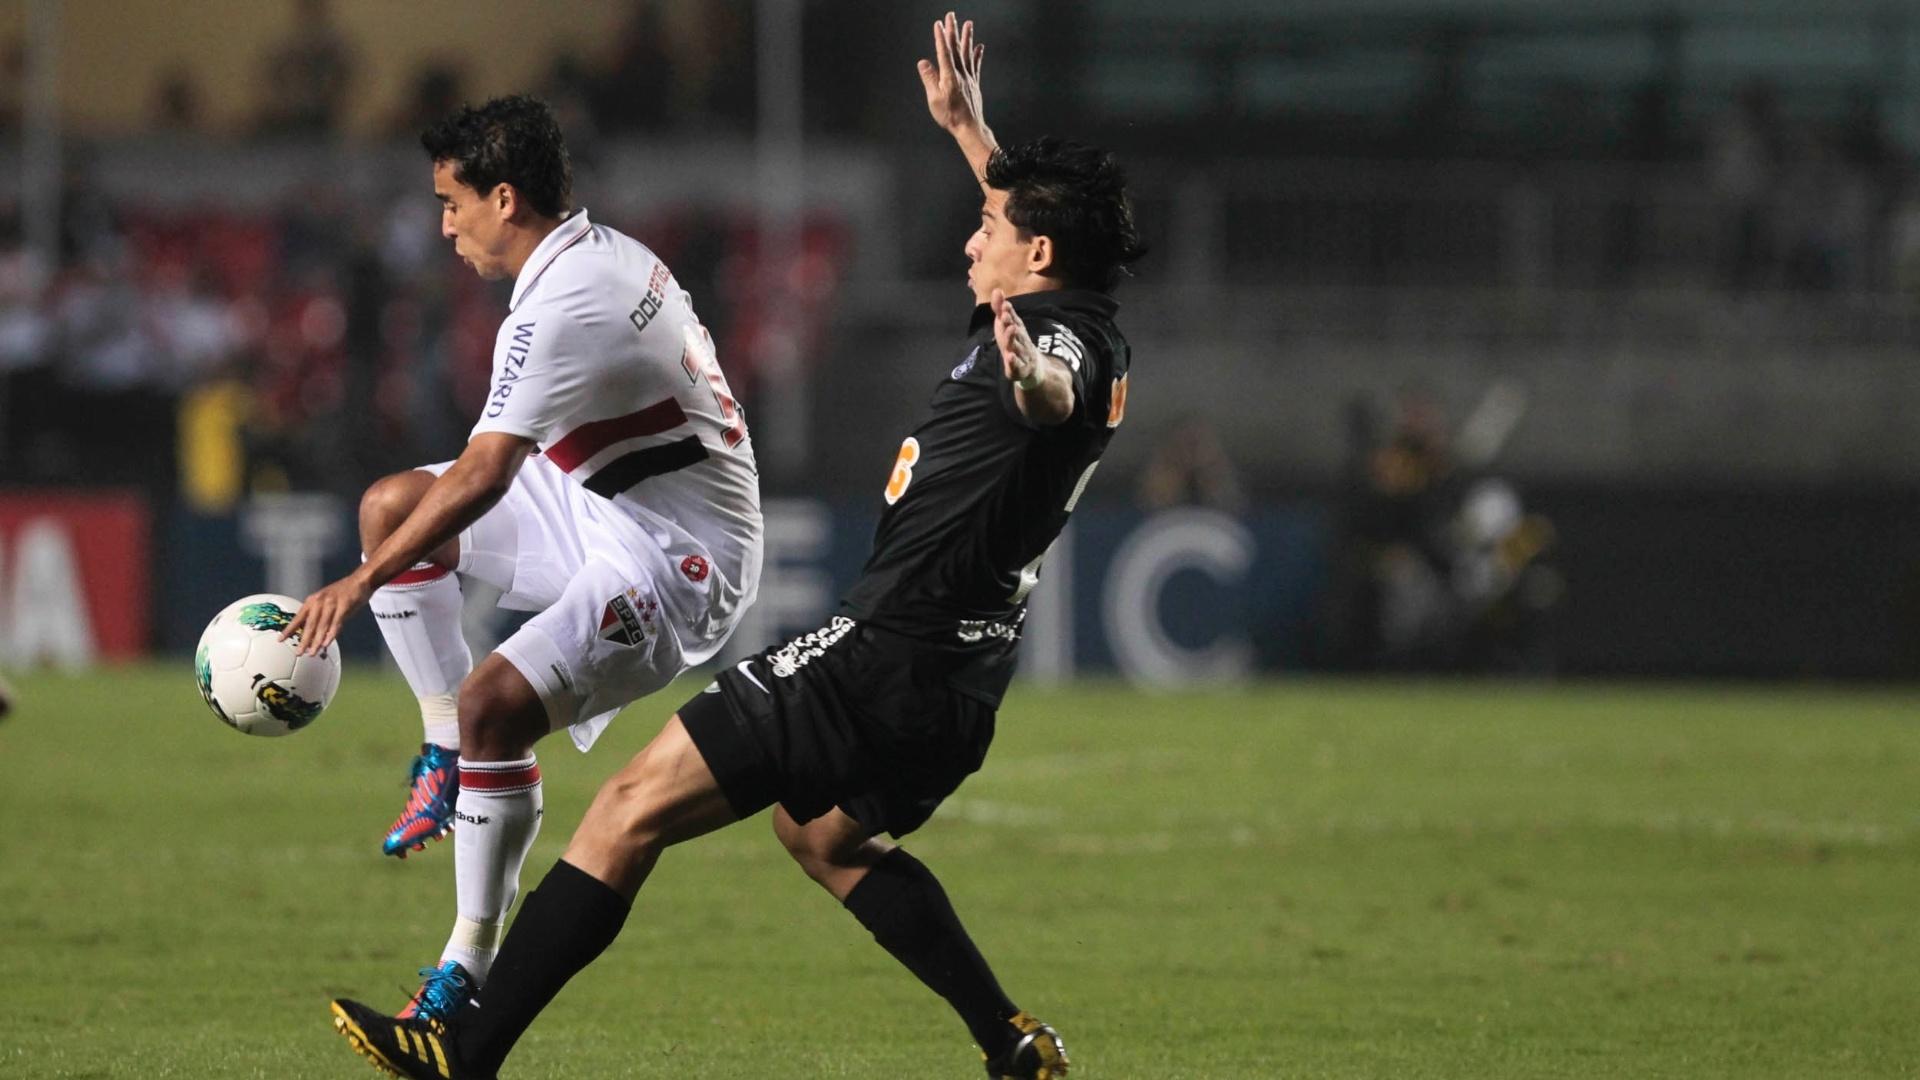 Jadson, meia do São Paulo, tenta dominar a bola durante partida contra o Coritiba